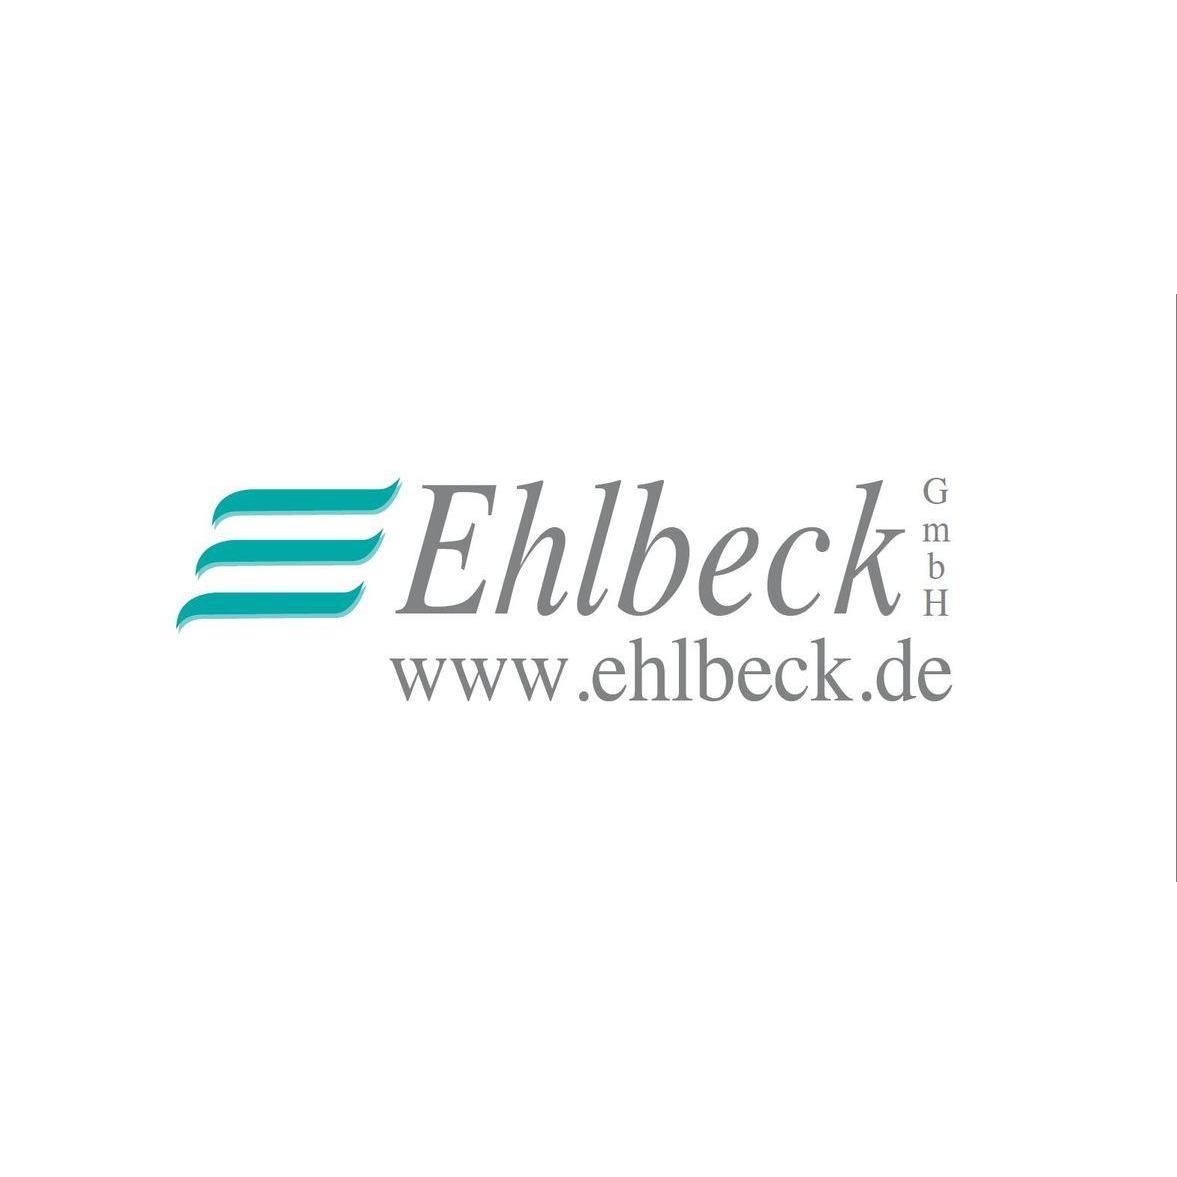 Bild zu Ehlbeck GmbH in Hamburg